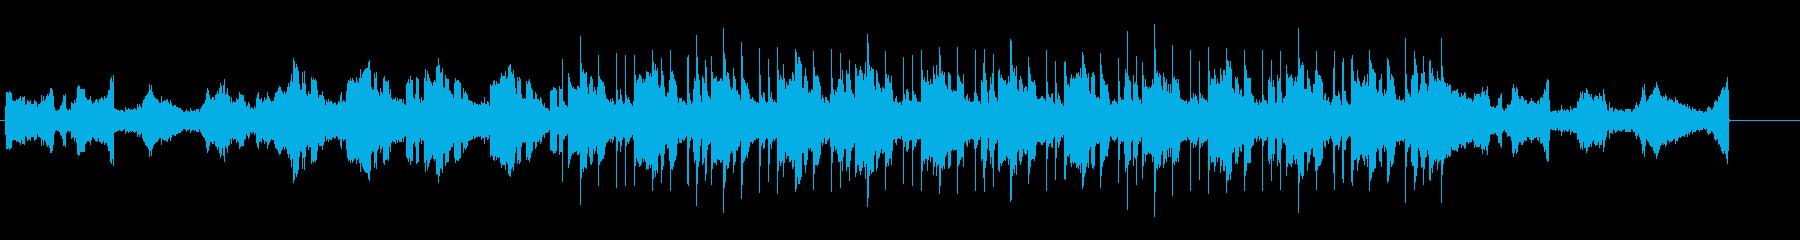 ノスタルジックなアンビエント風BGMの再生済みの波形